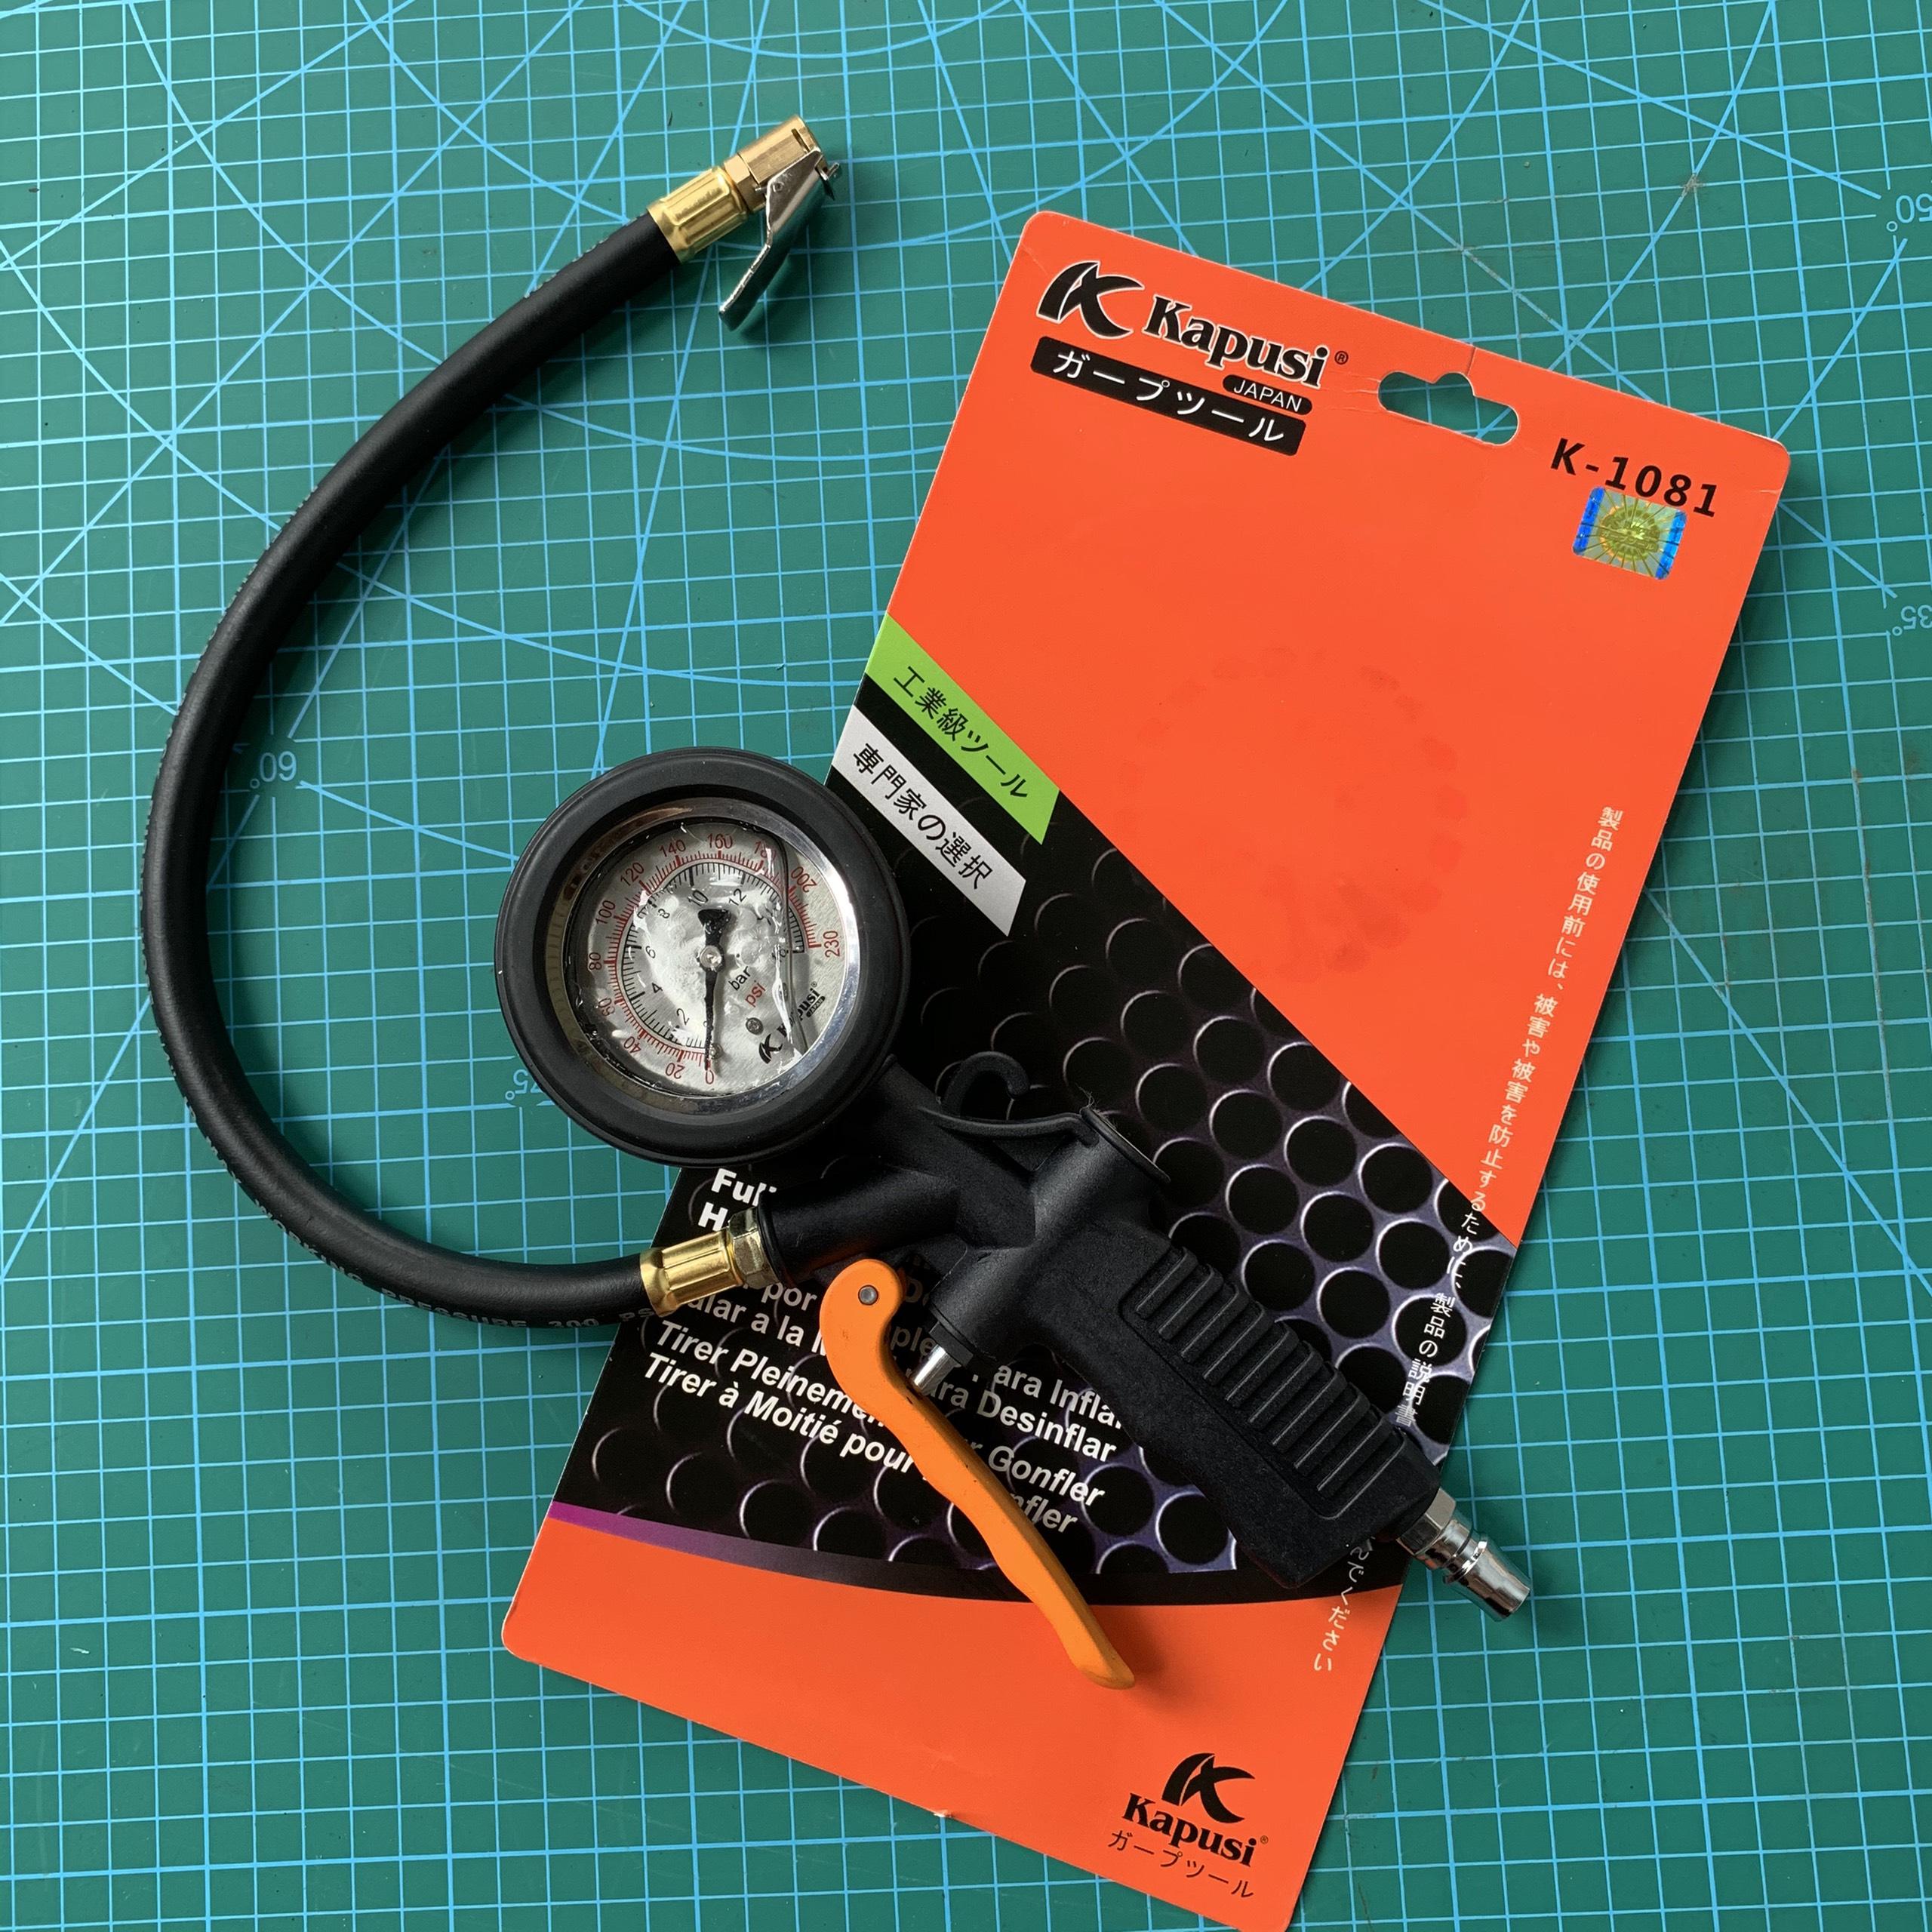 Đầu vòi bơm lốp ô tô đồng hồ dầu - xe máy -đồng hồ đo lốp xe 3 chức năng chuyên dụng cho thợ sửa chữa gara ô tô xe máy - Thương hiệu Kapusi